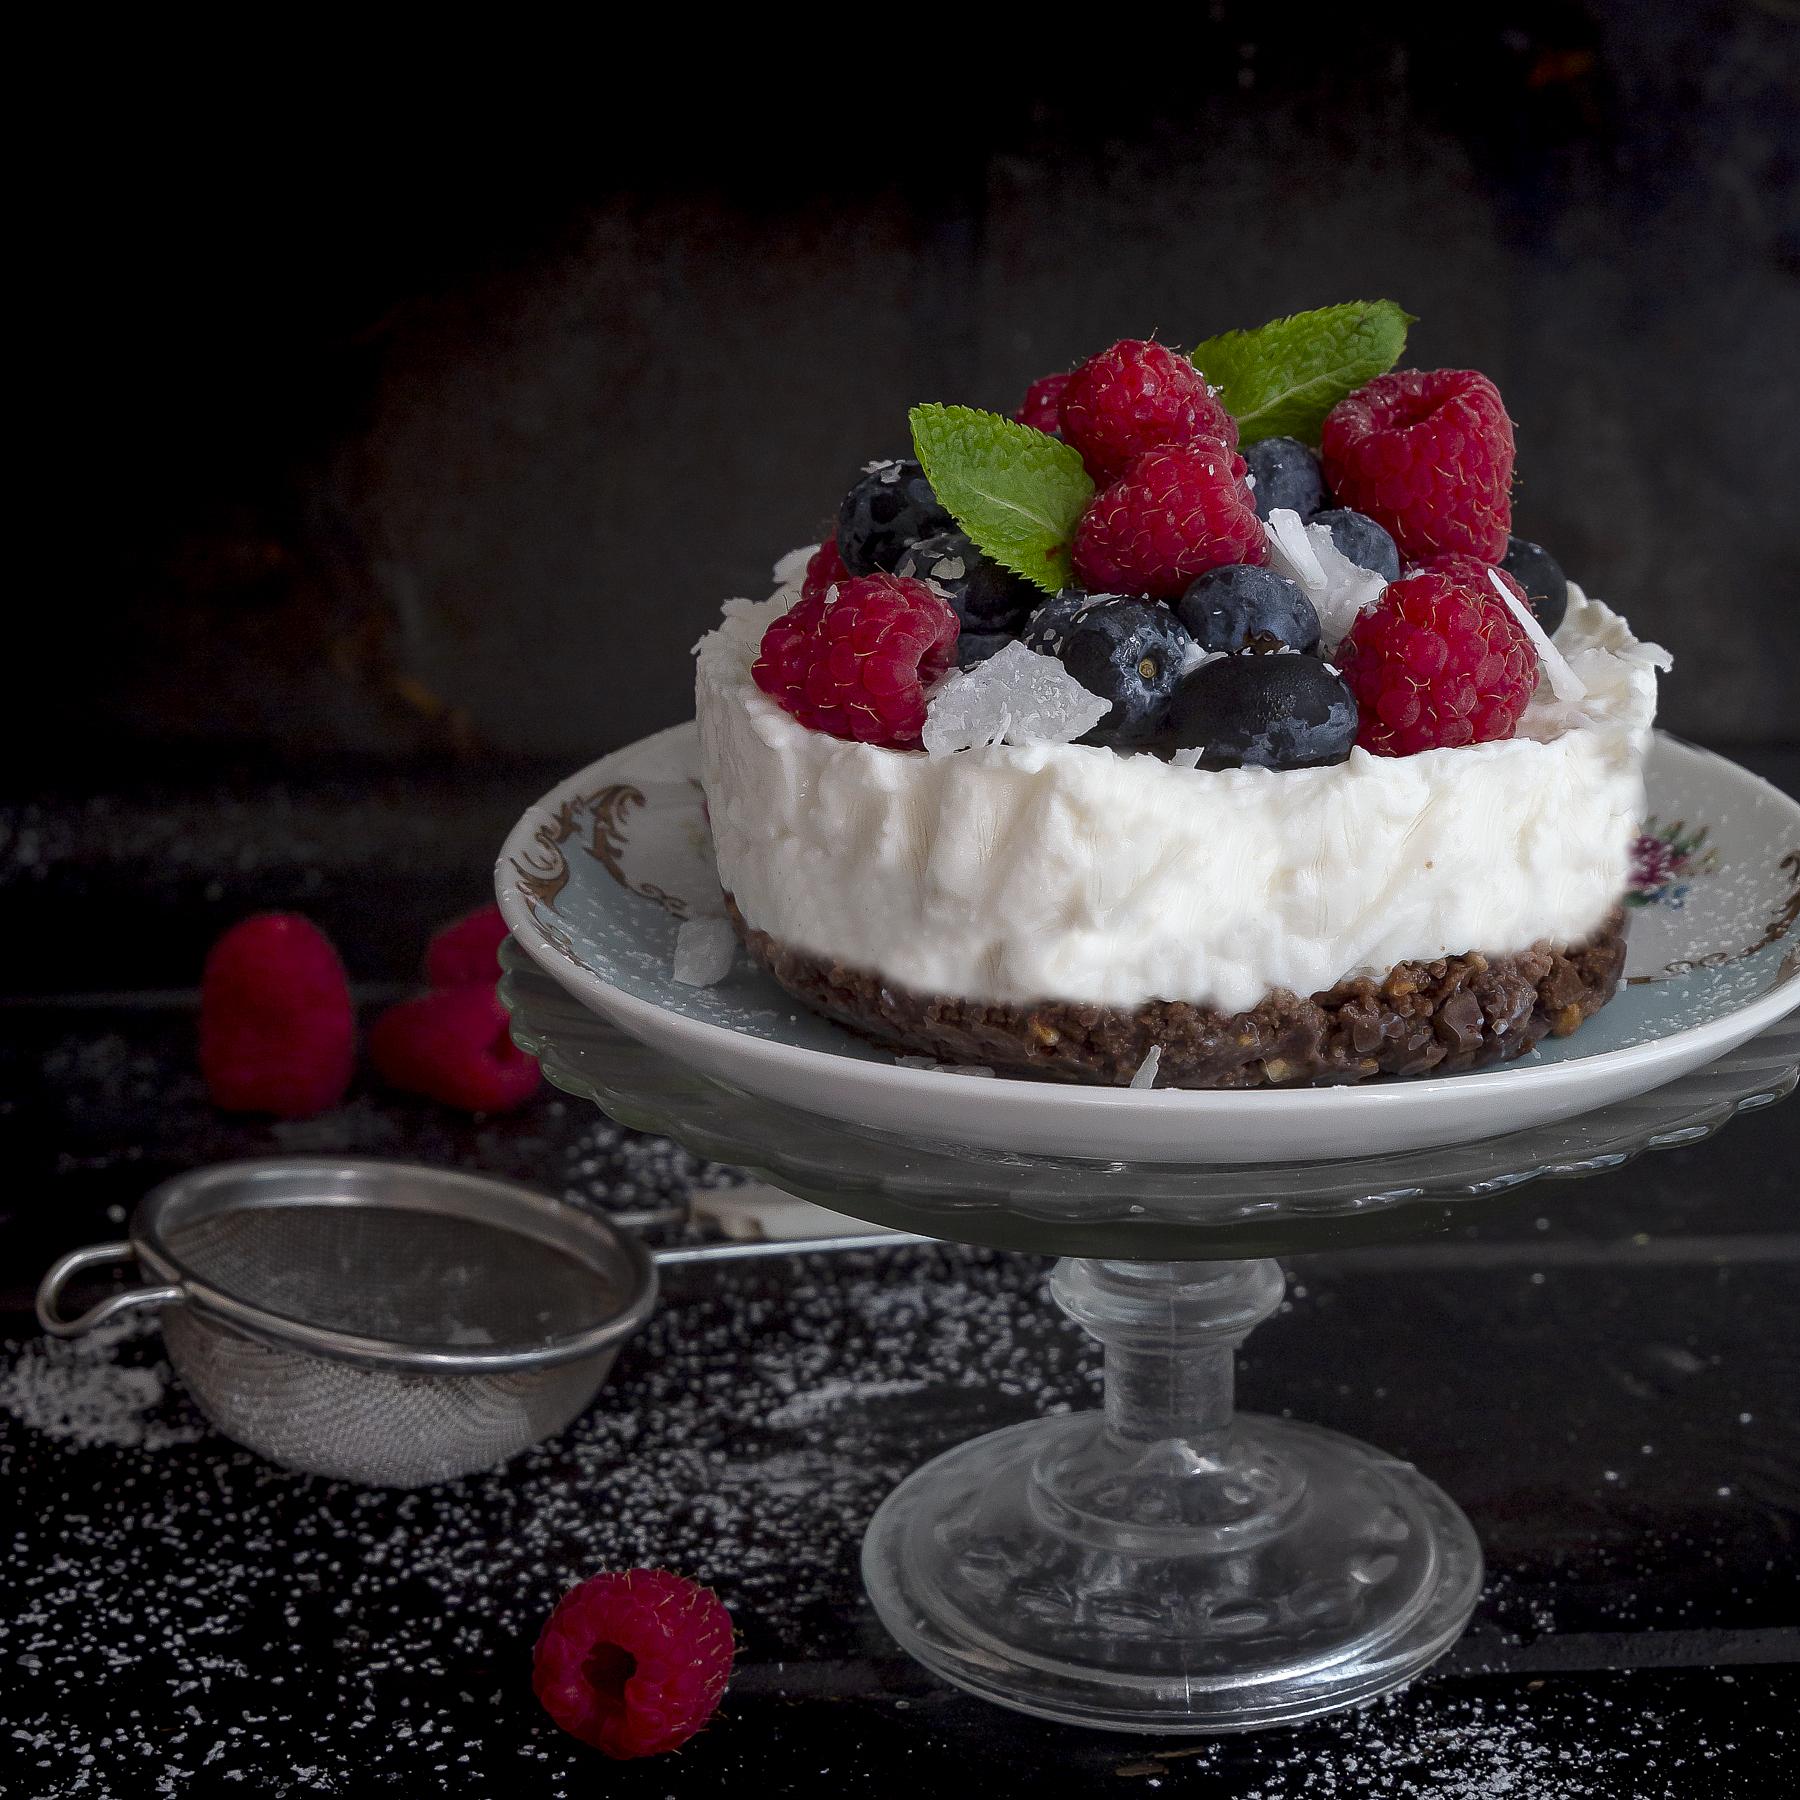 cheese-cake-al-cocco-con-frutti-di-bosco-dolce-facile-estivo-fresco-senso-contemporaneo-food